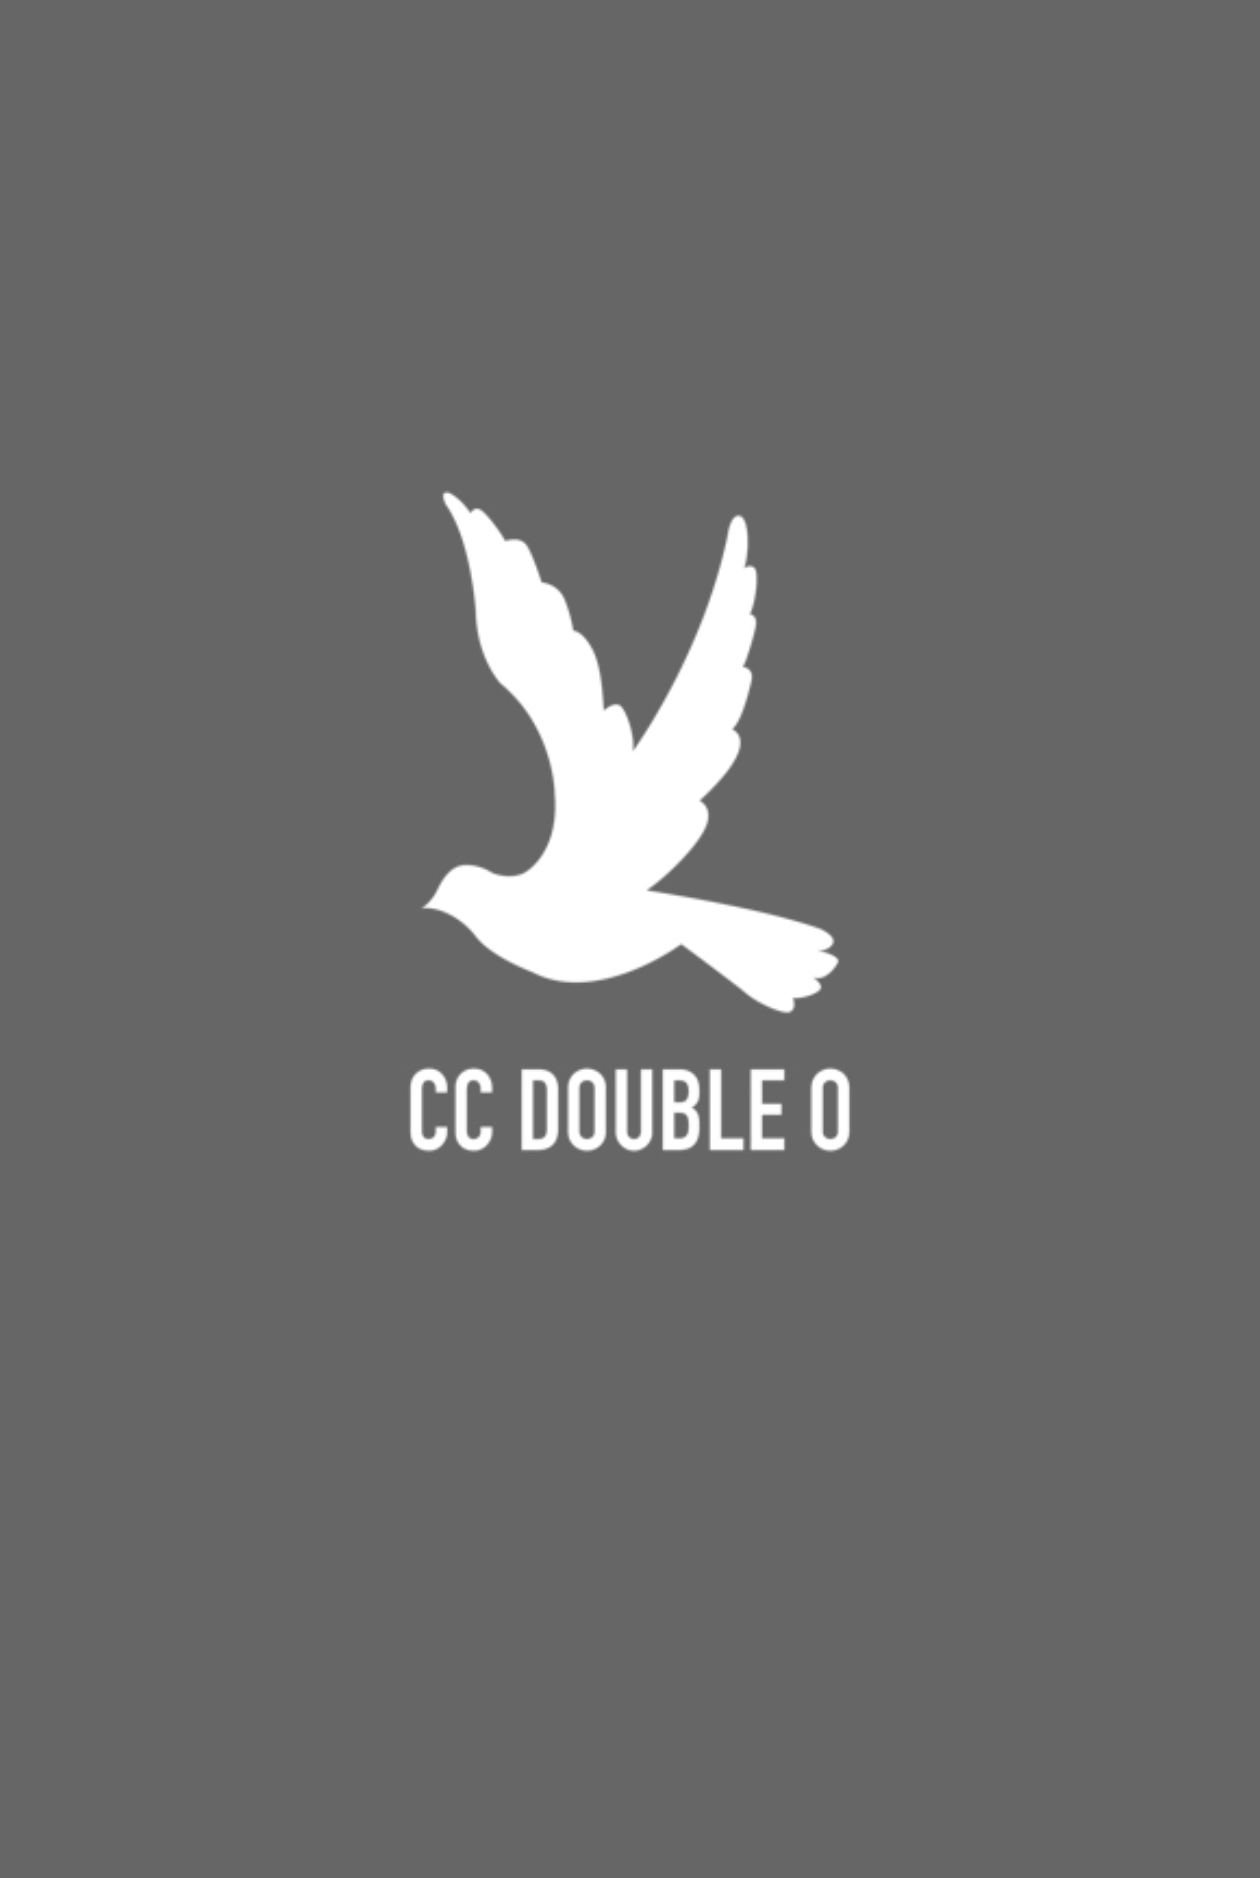 CC DOUBLE O Tee